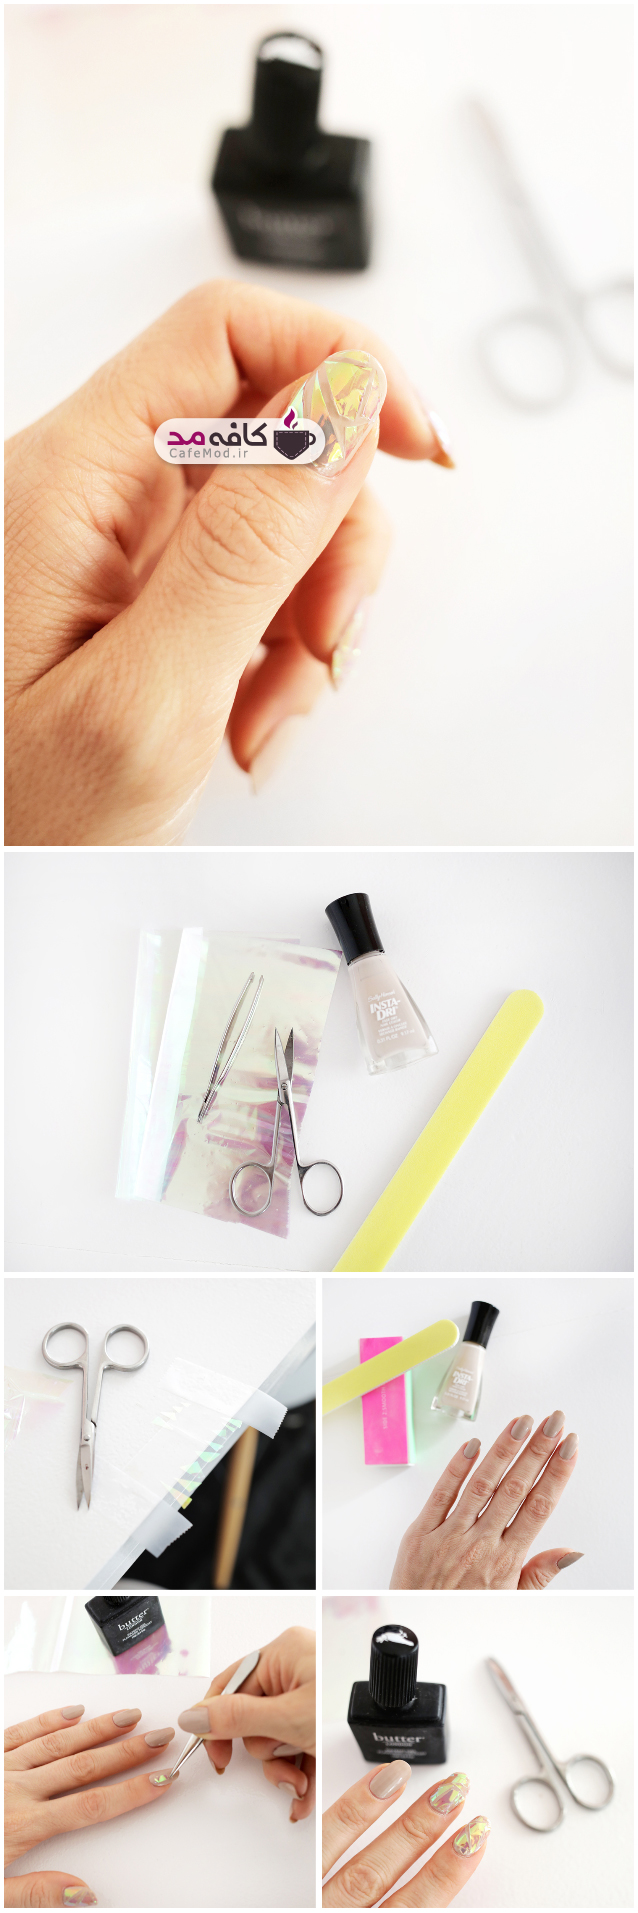 آموزش تصویری طرح آینه روی ناخن